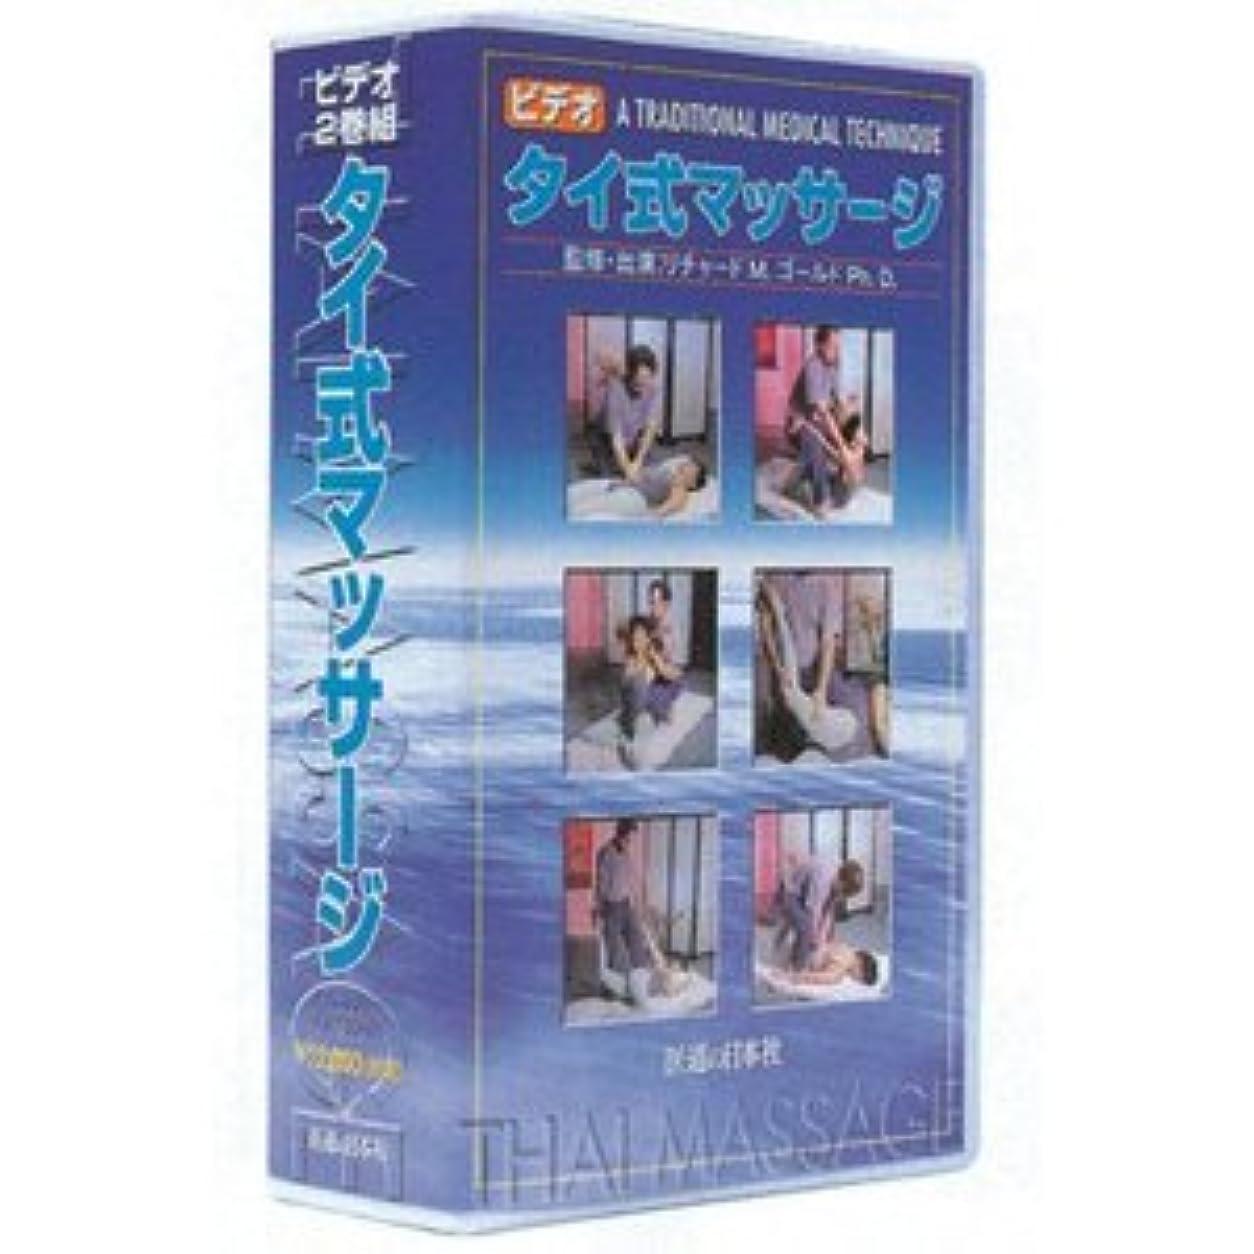 ミシン億煙突DVD?タイ式マッサージ(SM-237)